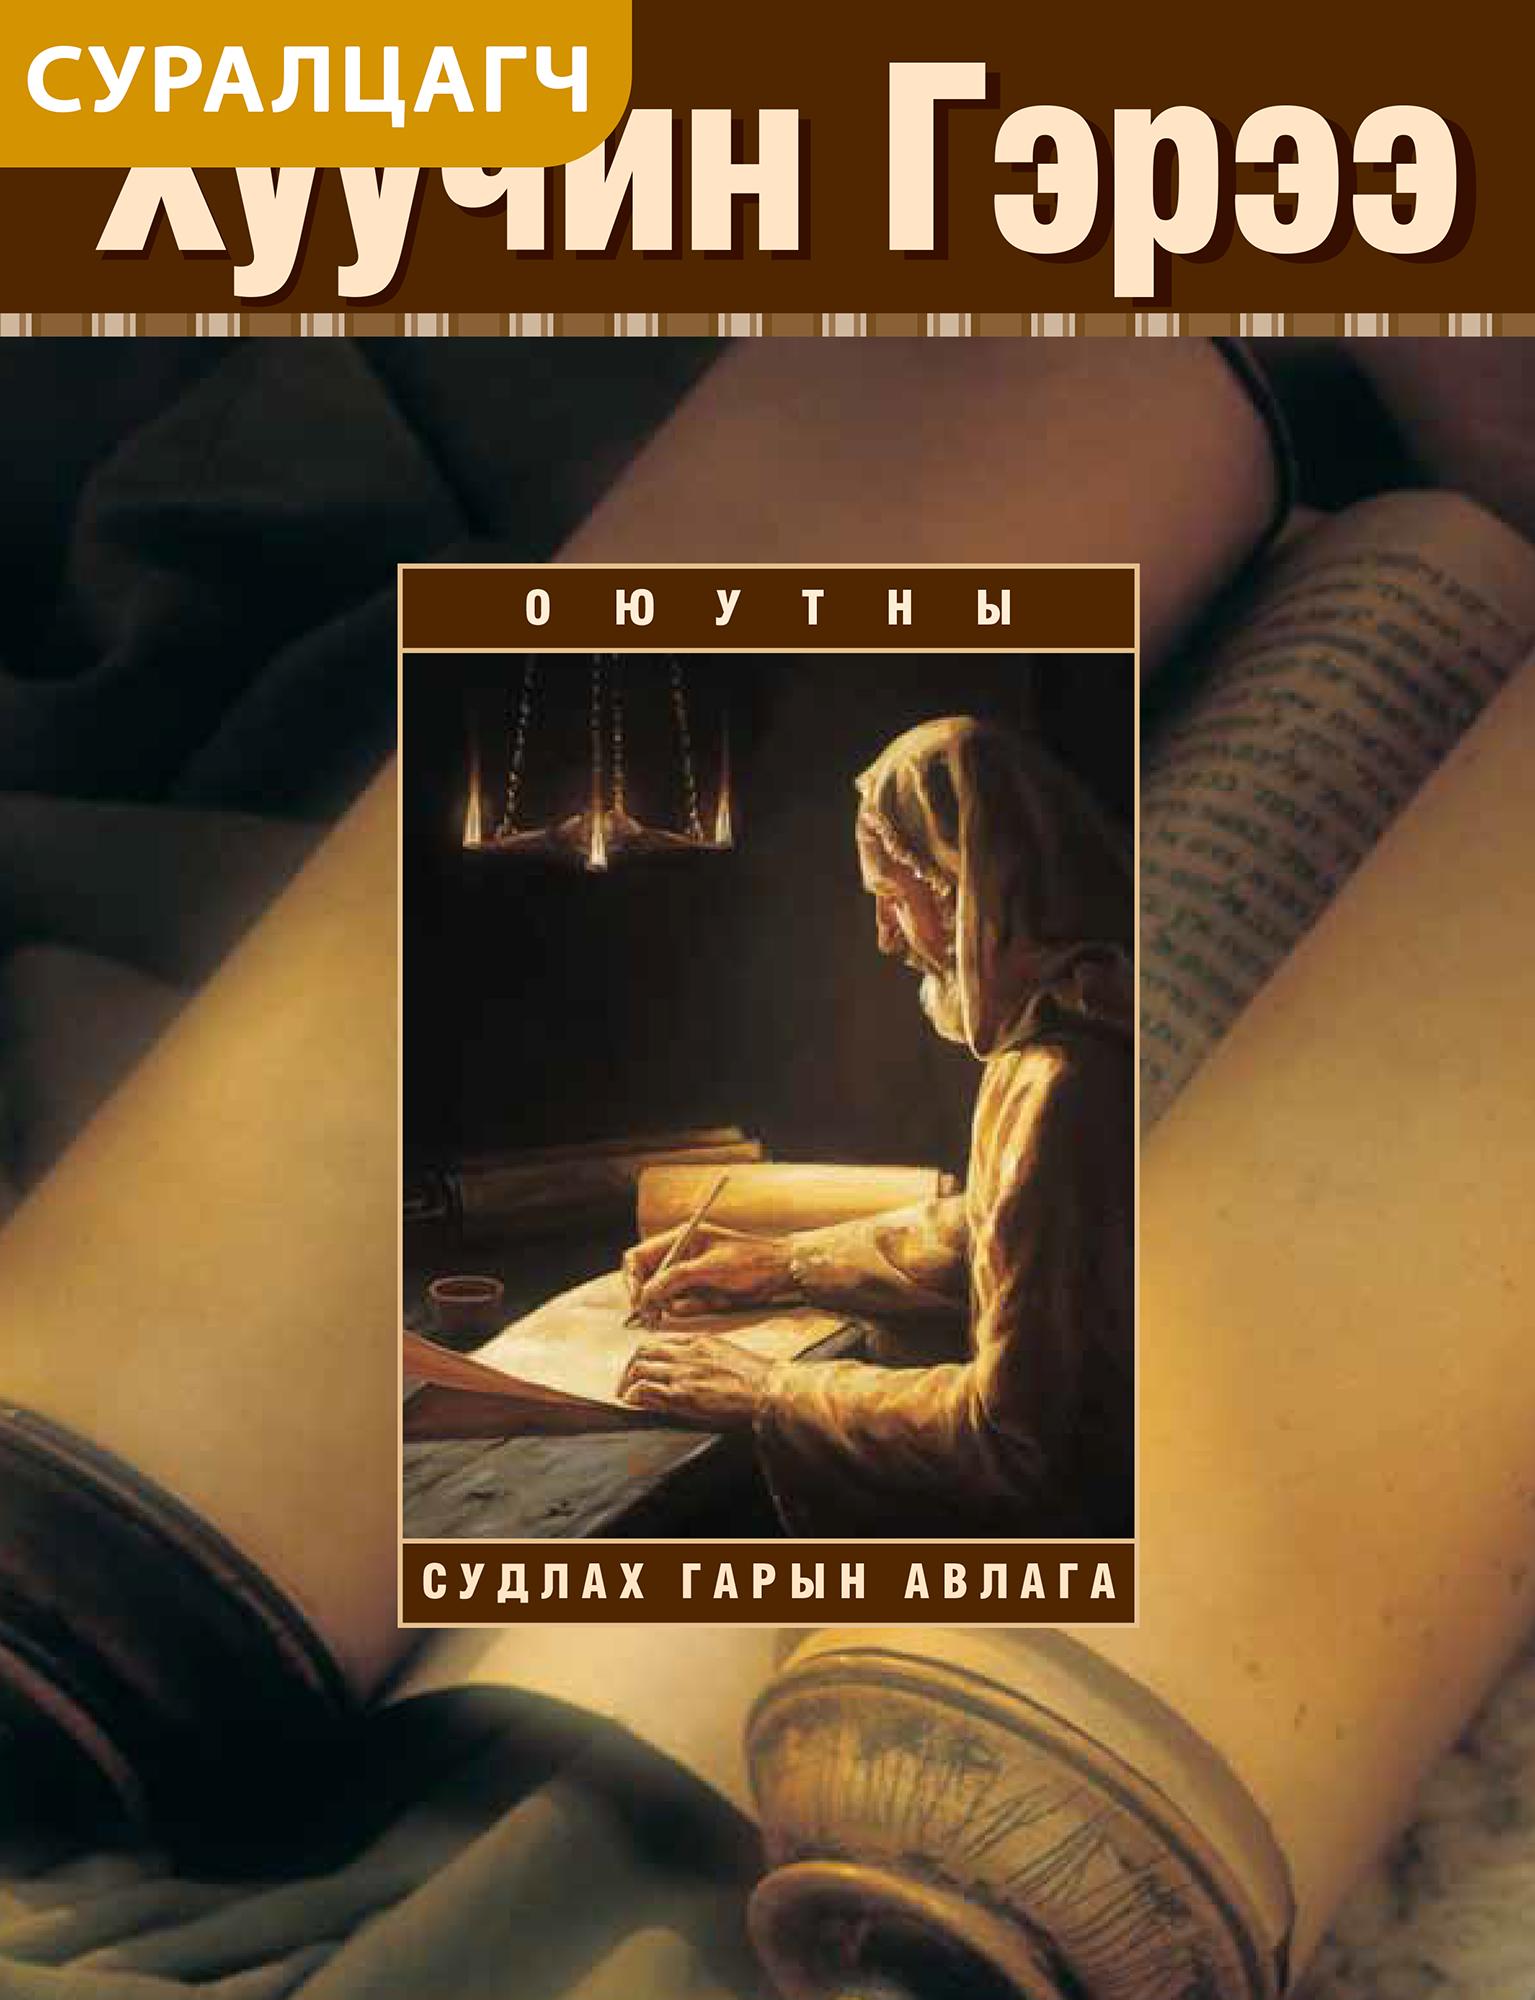 Хуучин Гэрээний cуралцагчийн судлах гарын авлага